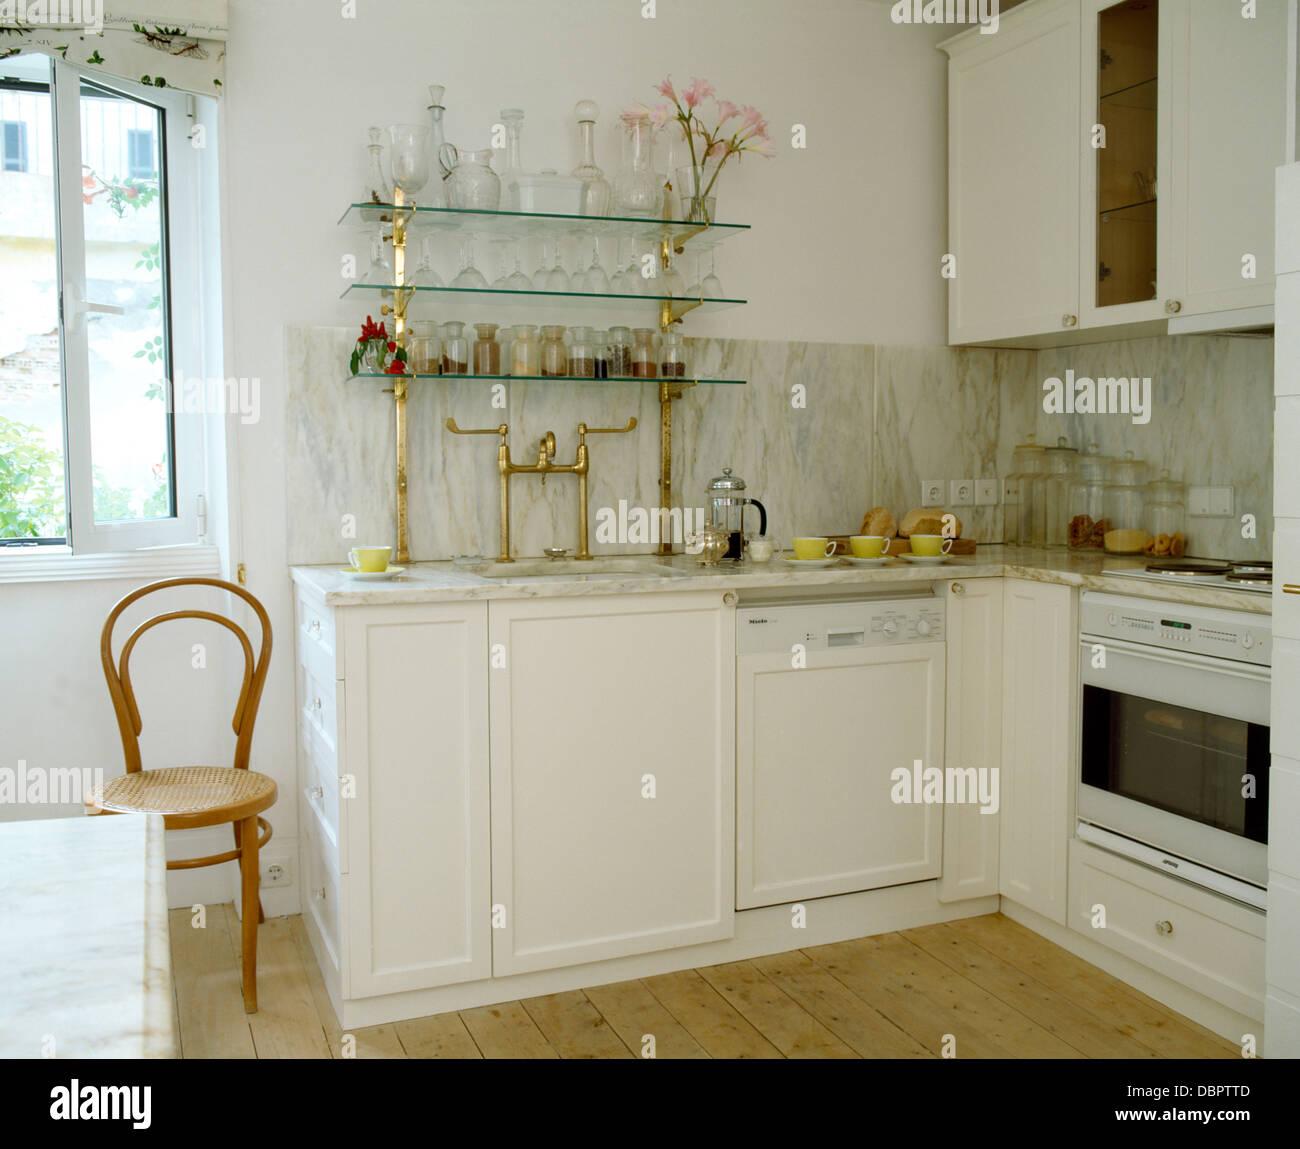 Cristaler A En Estantes De Vidrio En Color Blanco Con Muebles  # Muebles Costera